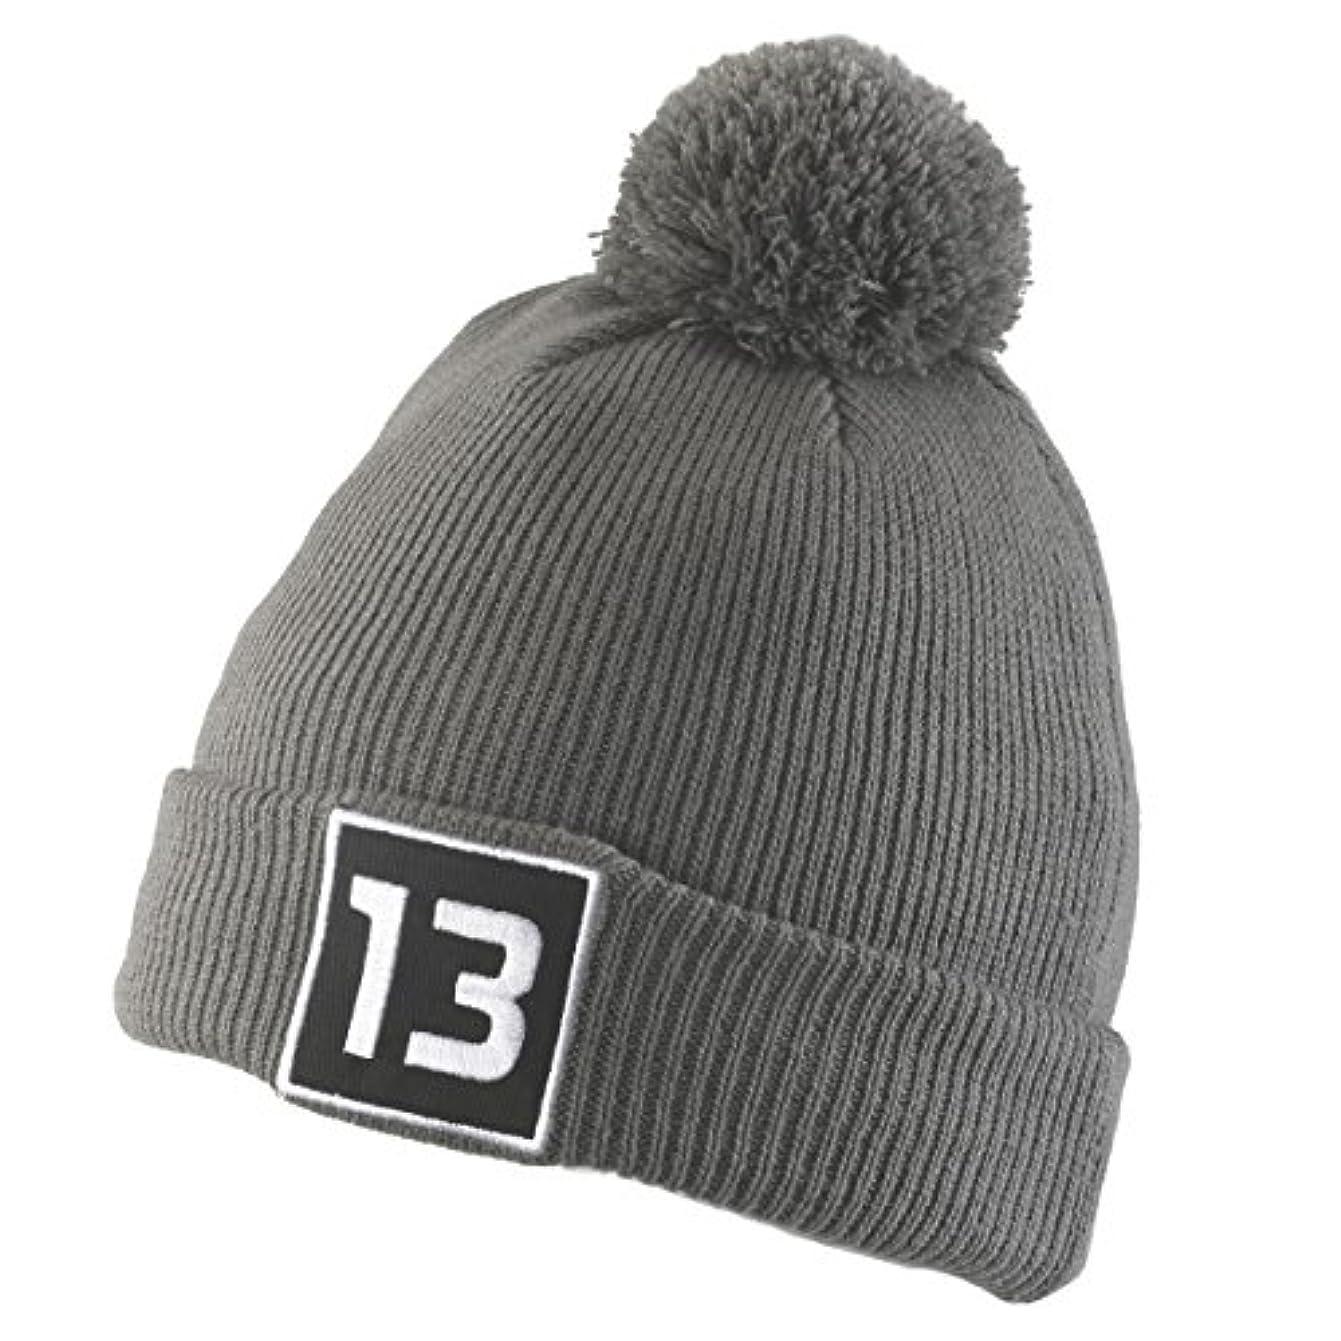 石の裁量状態13 Fishing HAT メンズ カラー: グレー